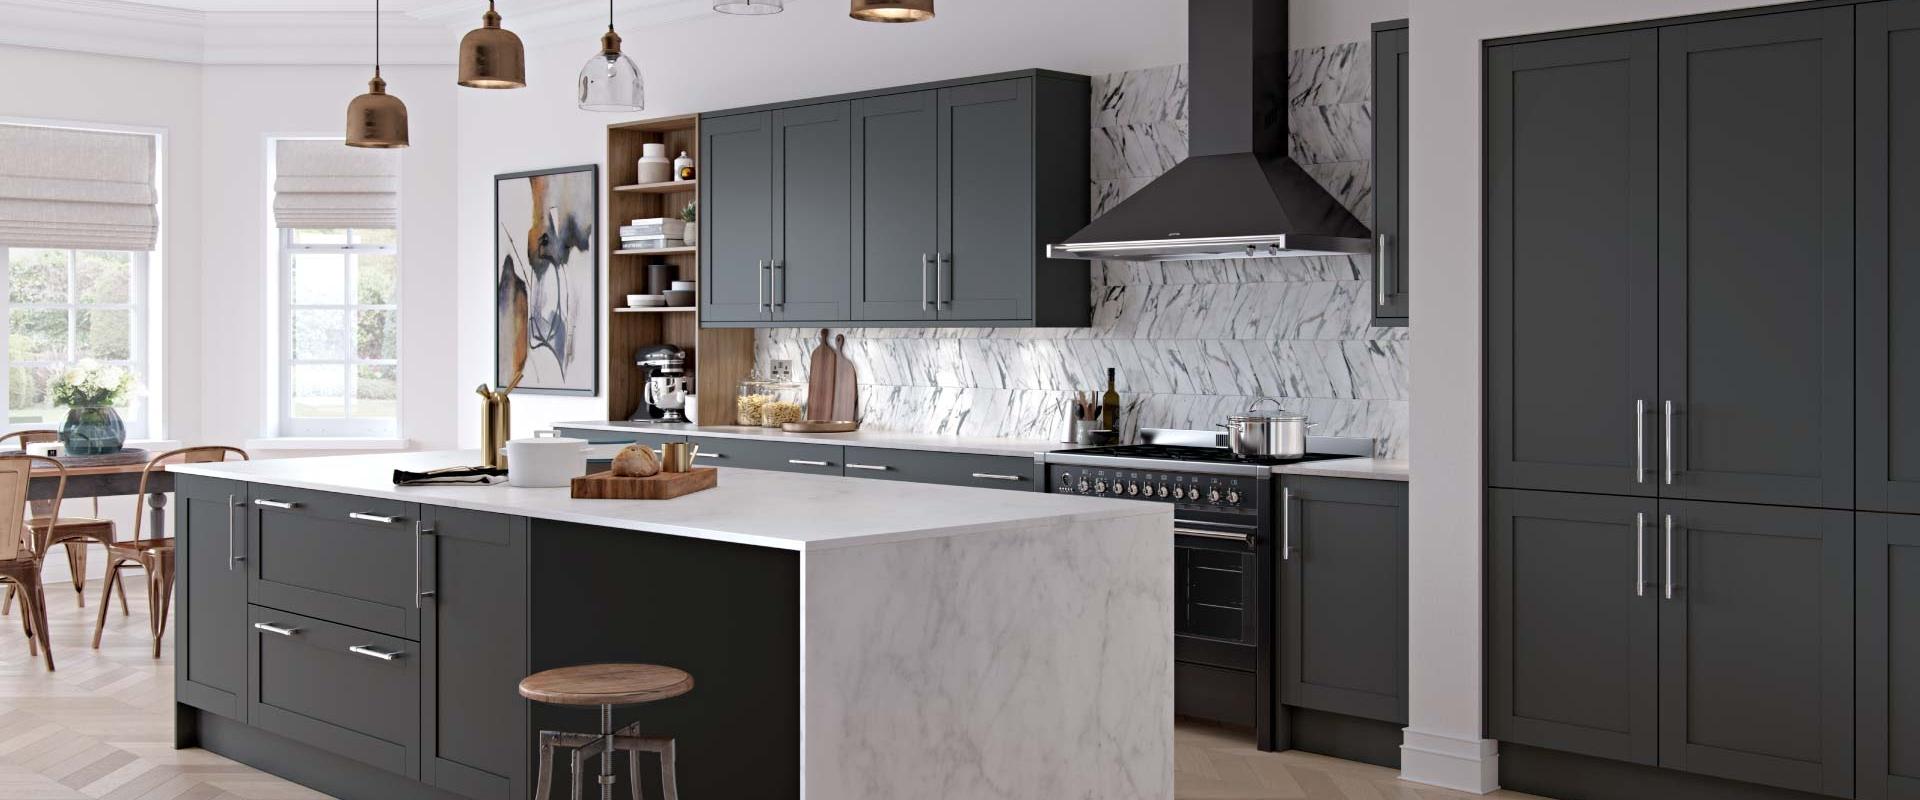 D32-Kitchen-Design-and-Installation-07